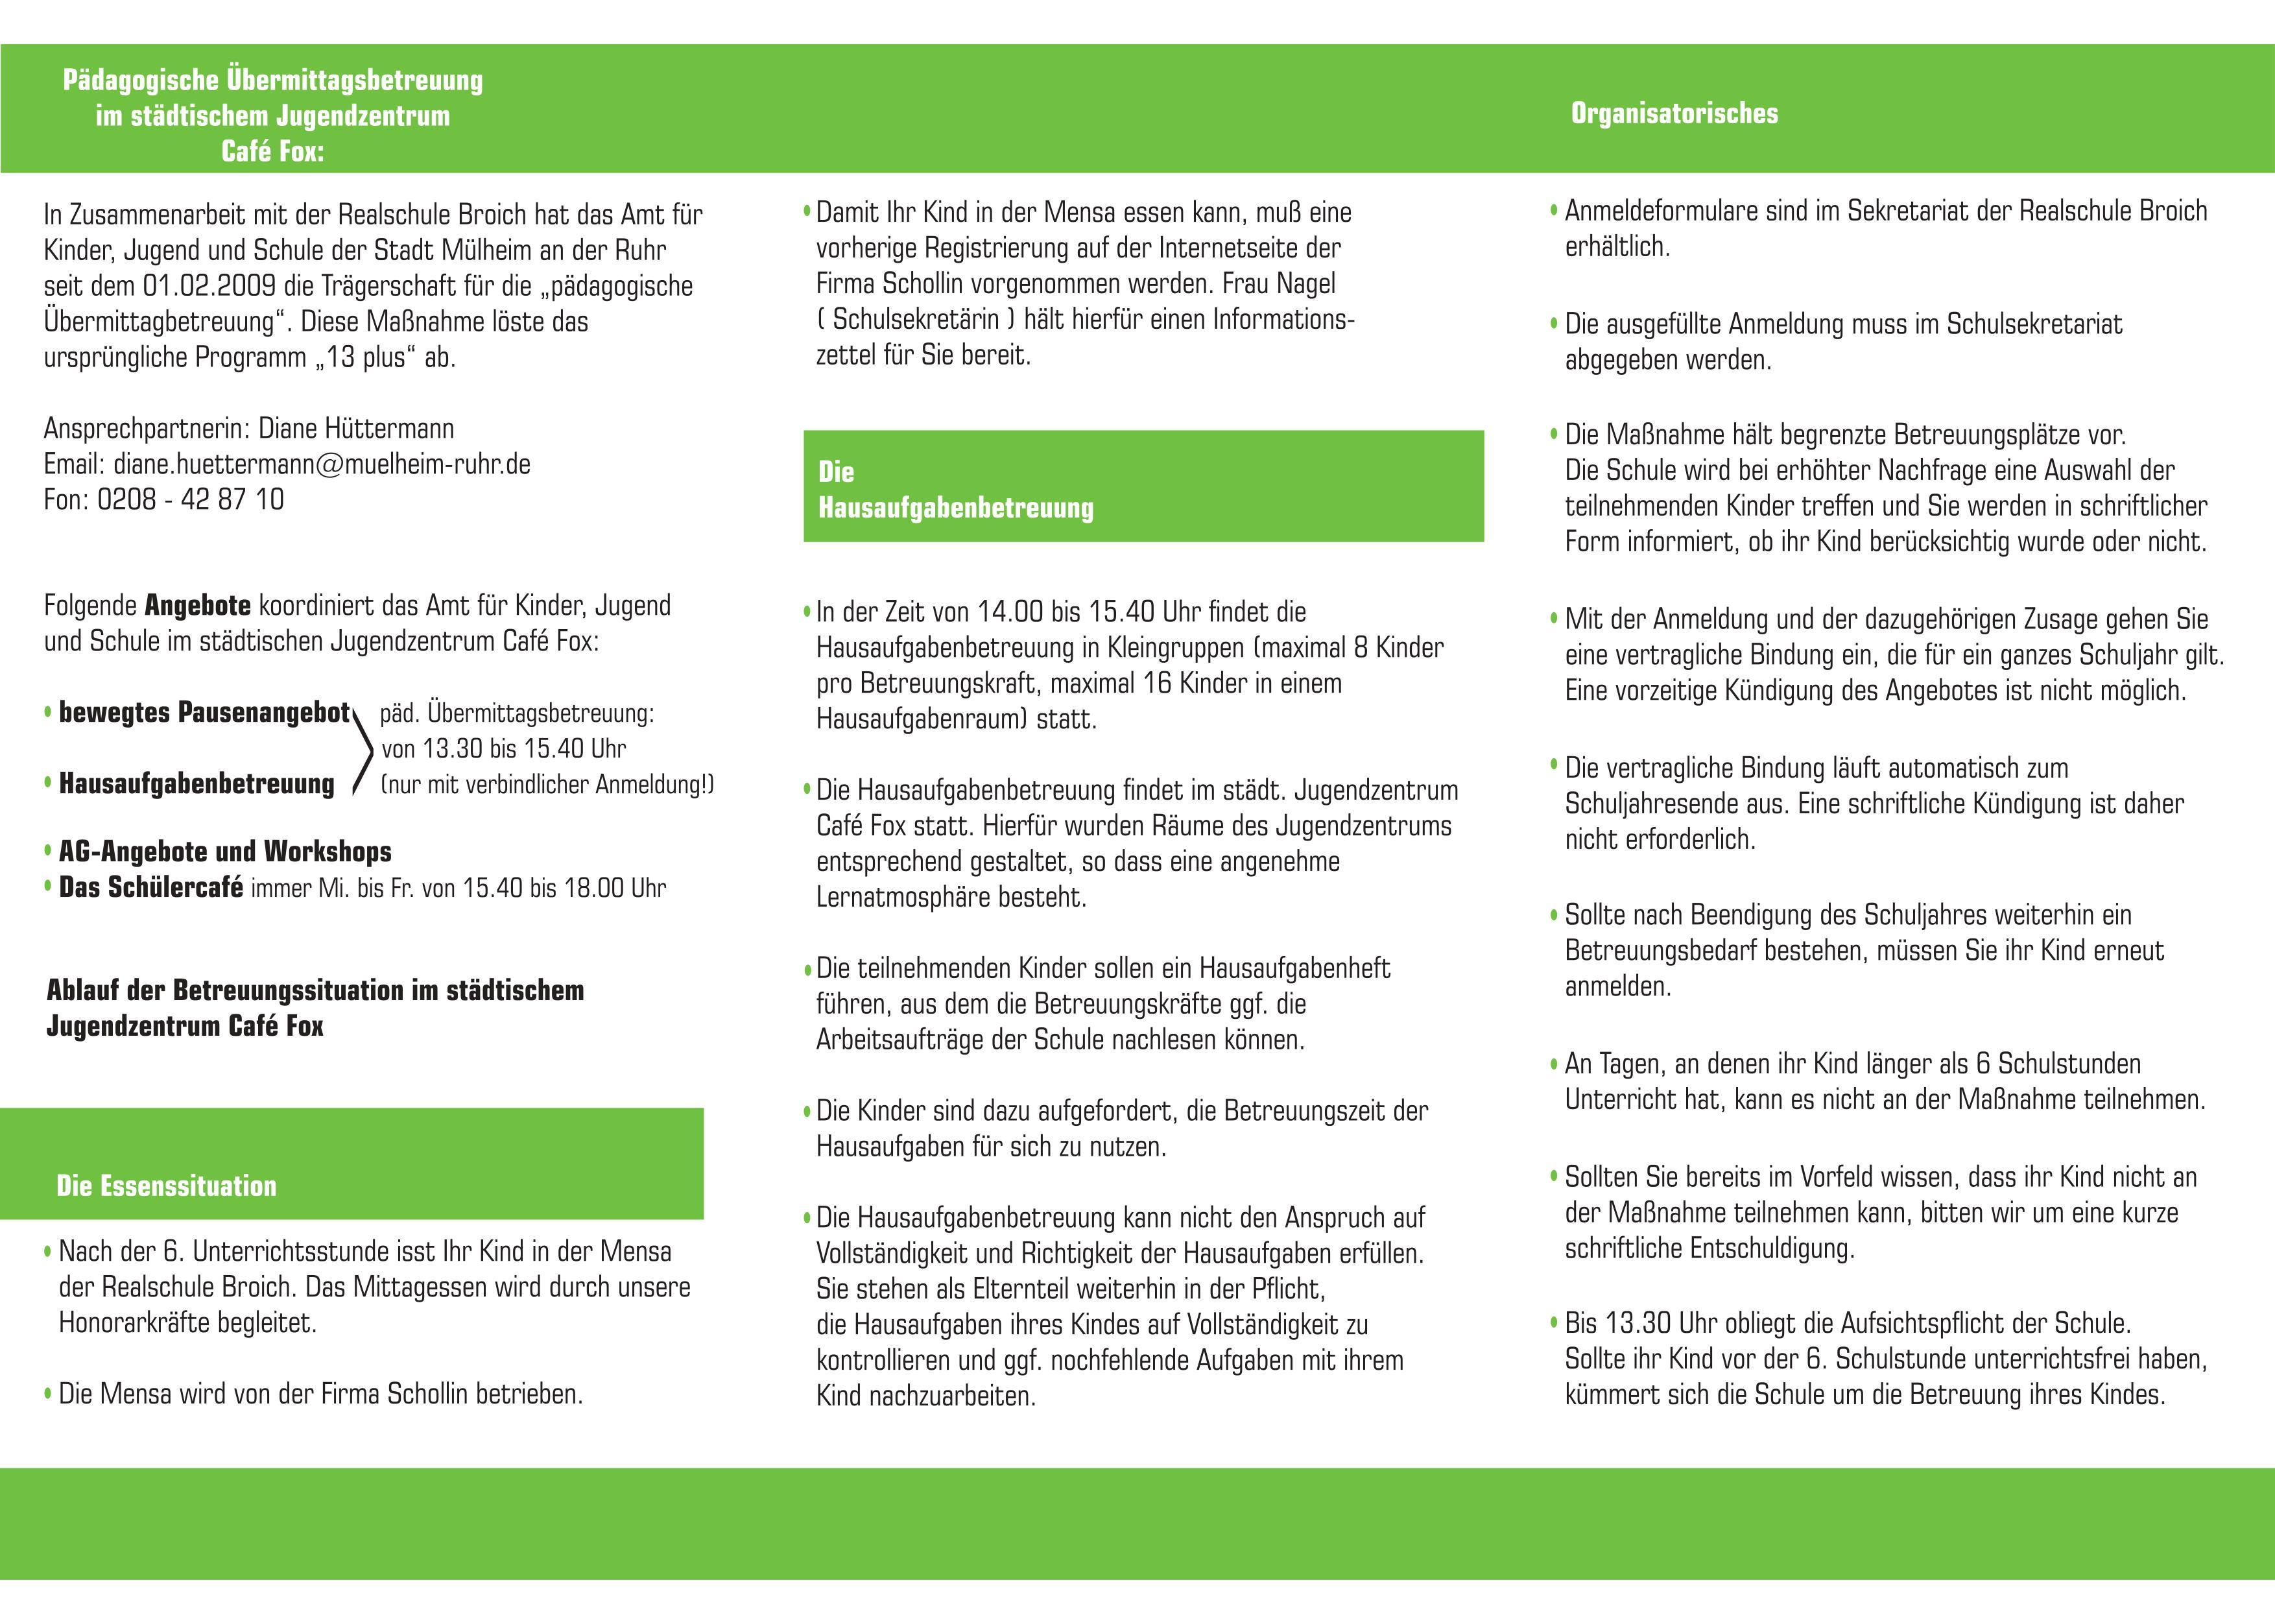 Flyer Infos bermittagsbetreuung 2 2